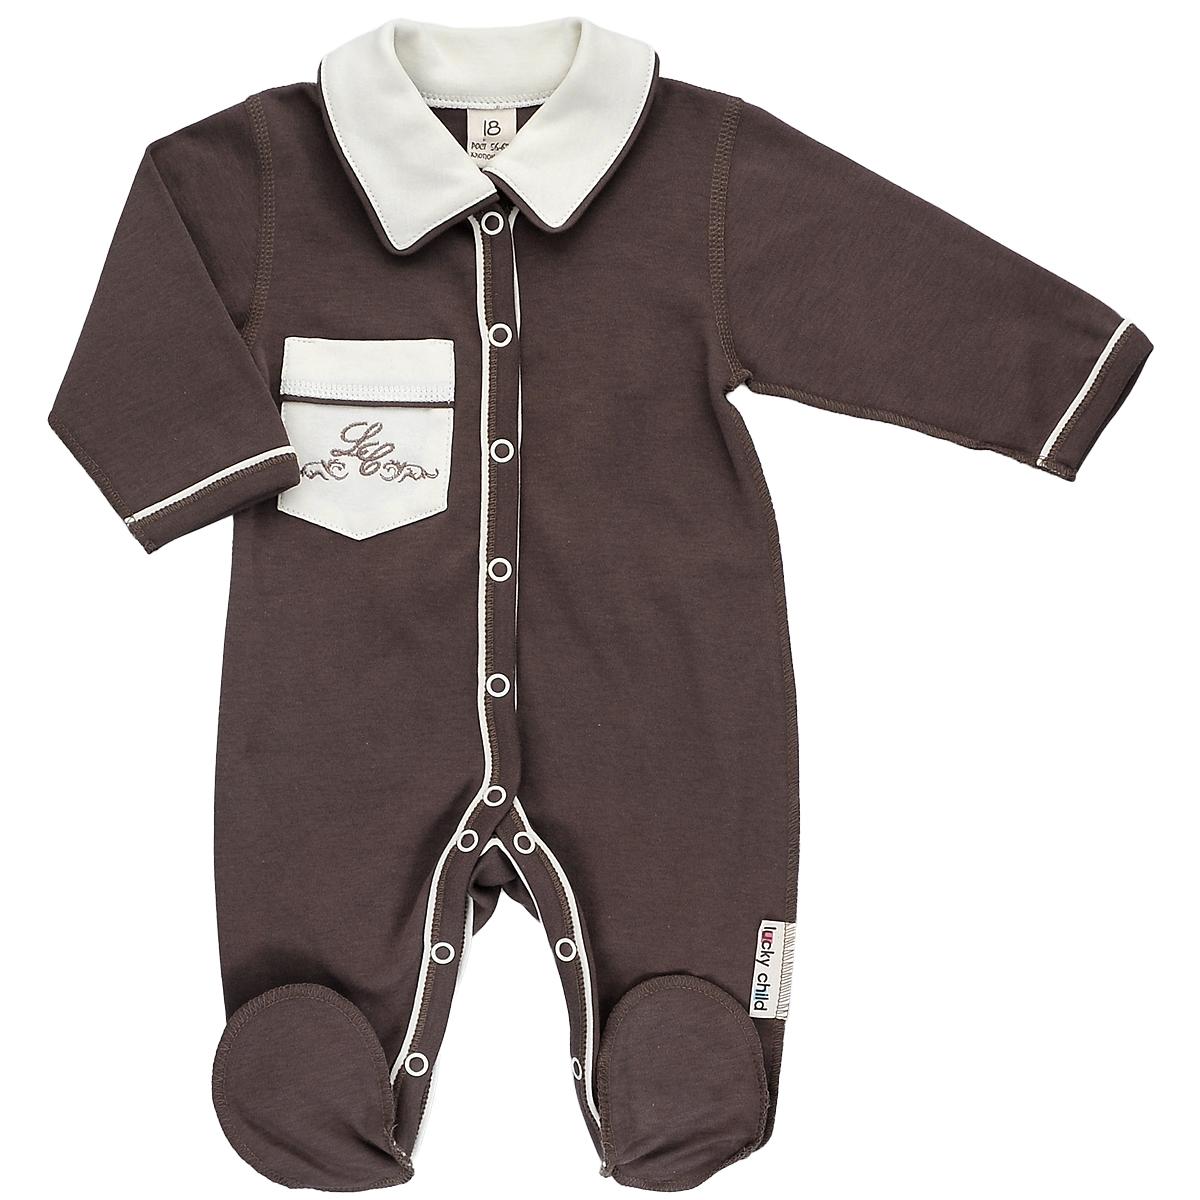 Комбинезон для мальчика Lucky Child, цвет: кофейный. 20-1. Размер 62/6820-1Детский комбинезон Lucky Child - очень удобный и практичный вид одежды для малышей. Комбинезон выполнен из натурального хлопка, благодаря чему он необычайно мягкий и приятный на ощупь, не раздражает нежную кожу ребенка и хорошо вентилируется, а плоские швы приятны телу ребенка и не препятствуют его движениям.Комбинезон с длинными рукавами, отложным воротничком и закрытыми ножками, выполнен швами наружу. Он застегивается на кнопки от горловины до щиколоток, благодаря чему переодеть младенца или сменить подгузник будет легко.Низ рукавов и планка с кнопками дополнены контрастными вставками. Спереди на комбинезоне имеется накладной кармашек, декорированный вышивкой. Воротник выполнен в контрастном цвете.С детским комбинезоном спинка и ножки вашего ребенка всегда будут в тепле, он идеален для использования днем и незаменим ночью. Комбинезон полностью соответствует особенностям жизни младенца в ранний период, не стесняя и не ограничивая его в движениях!